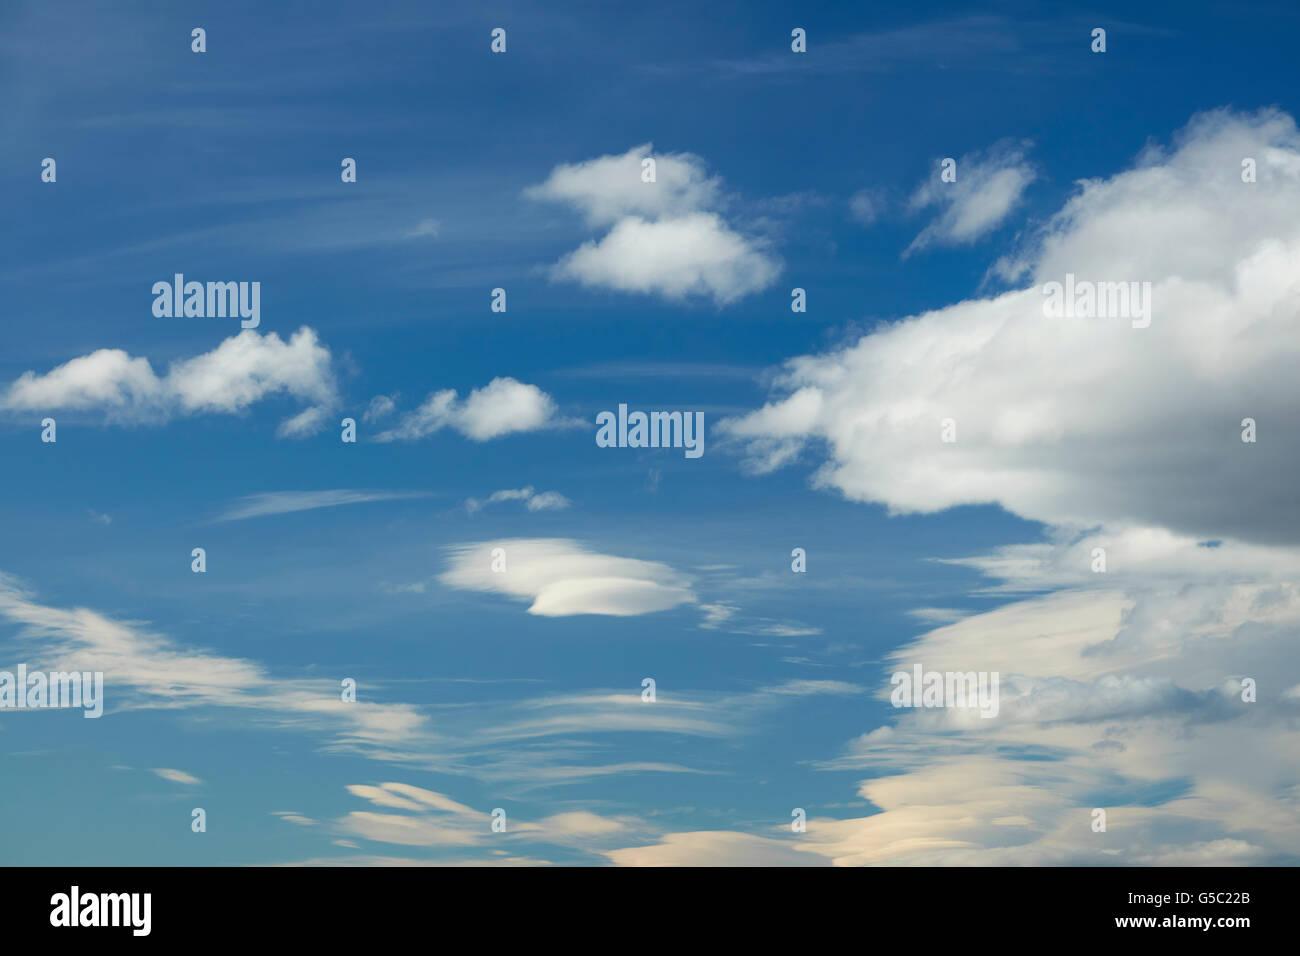 Ciel bleu et nuages, Central Otago, île du Sud, Nouvelle-Zélande Photo Stock